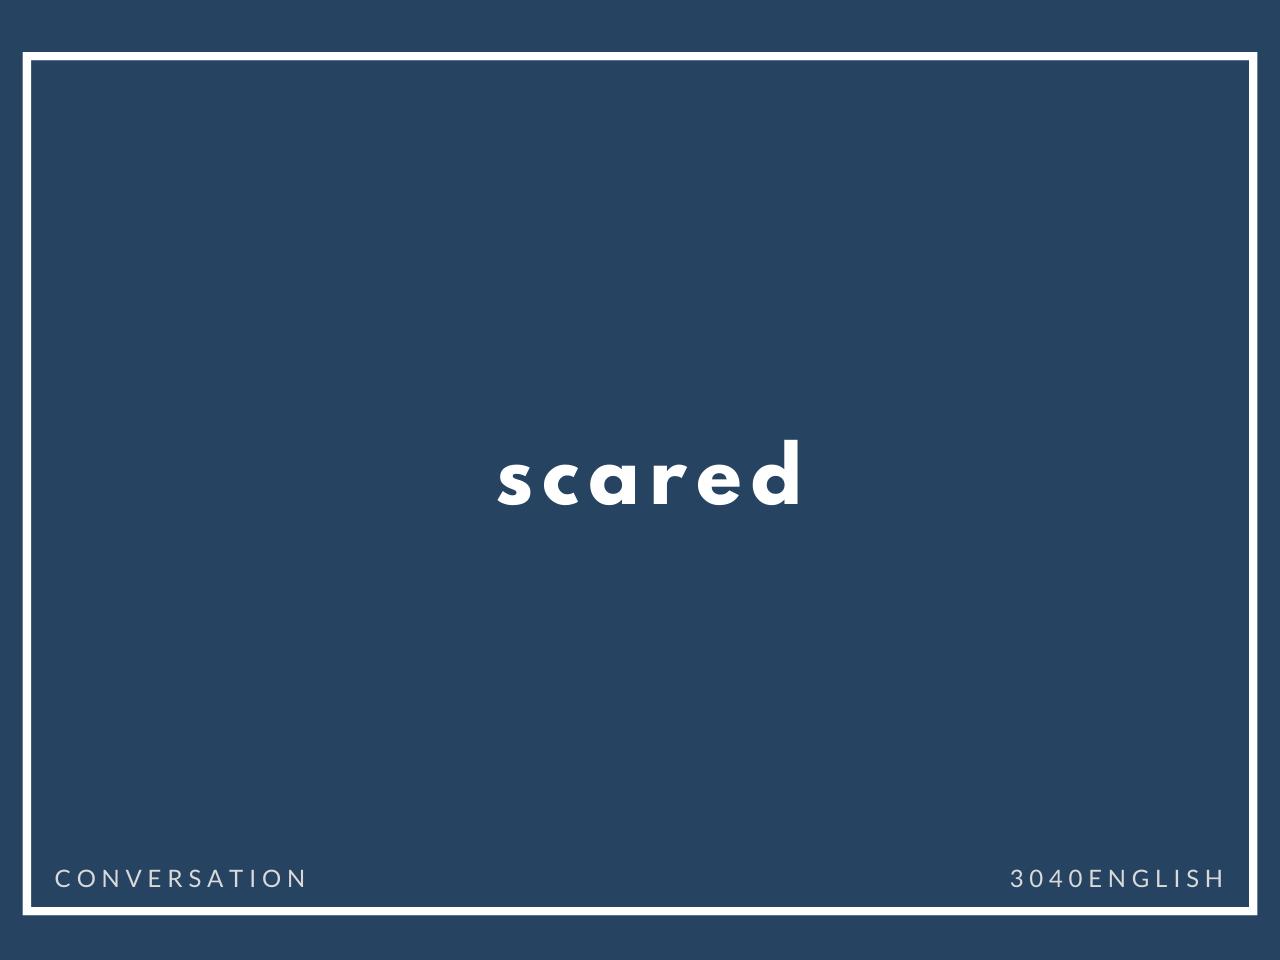 「怖い」の英語表現・英単語12選【英会話用例文あり】